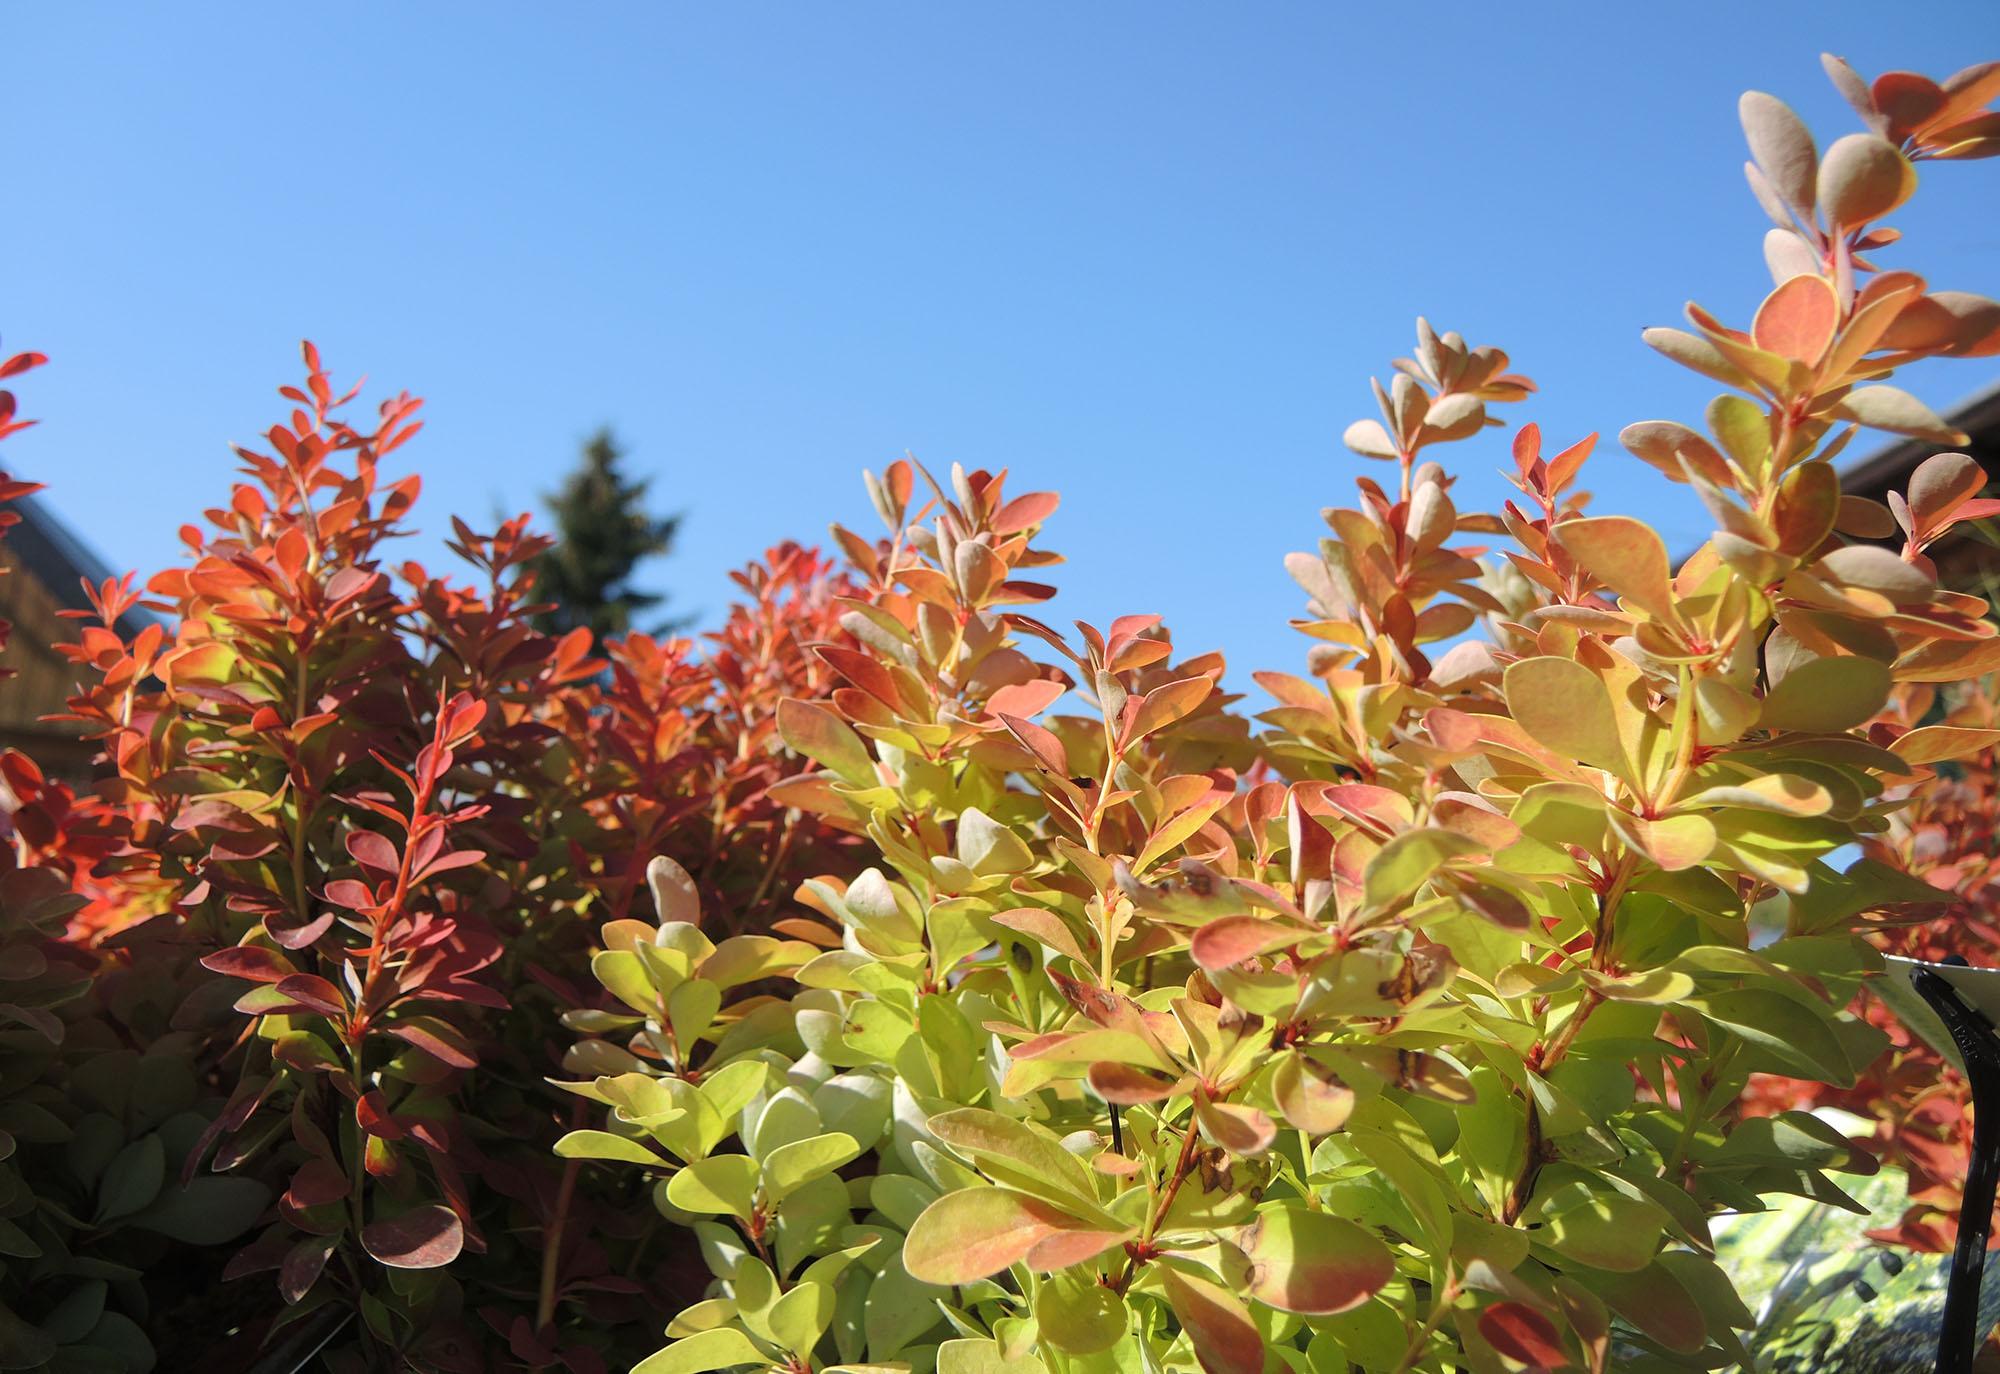 Der Garten im Herbst ist auch schön